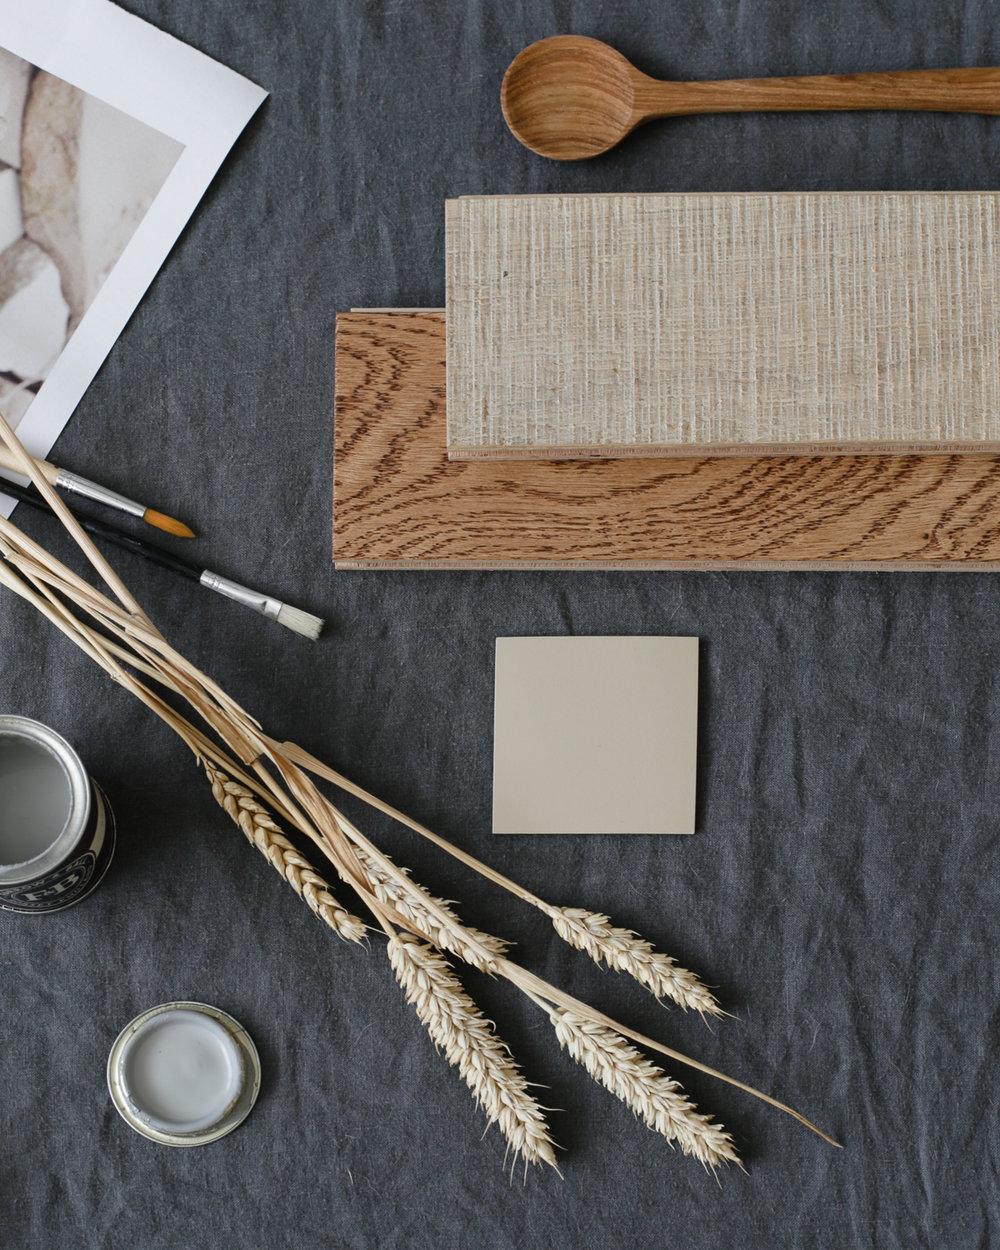 Goodrich saltet eg og kaffebønne.  Styling & amp;  fotografering af Design Hunter.